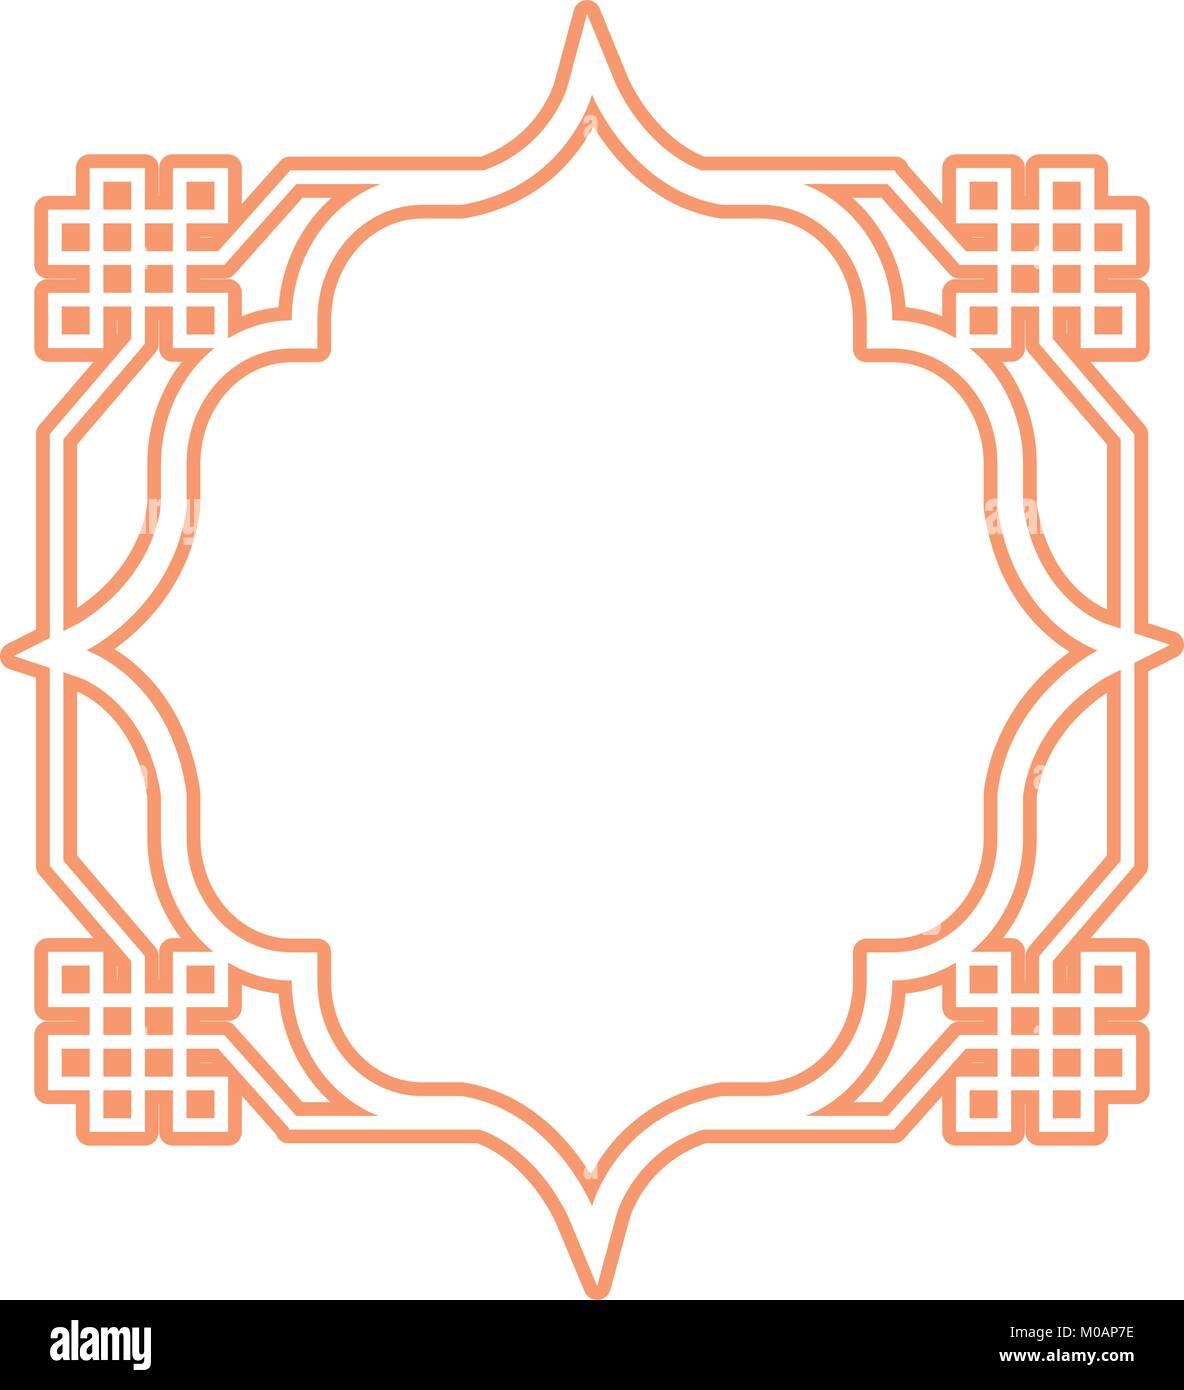 Arabischen Stil Rahmen Symbol Stockbild